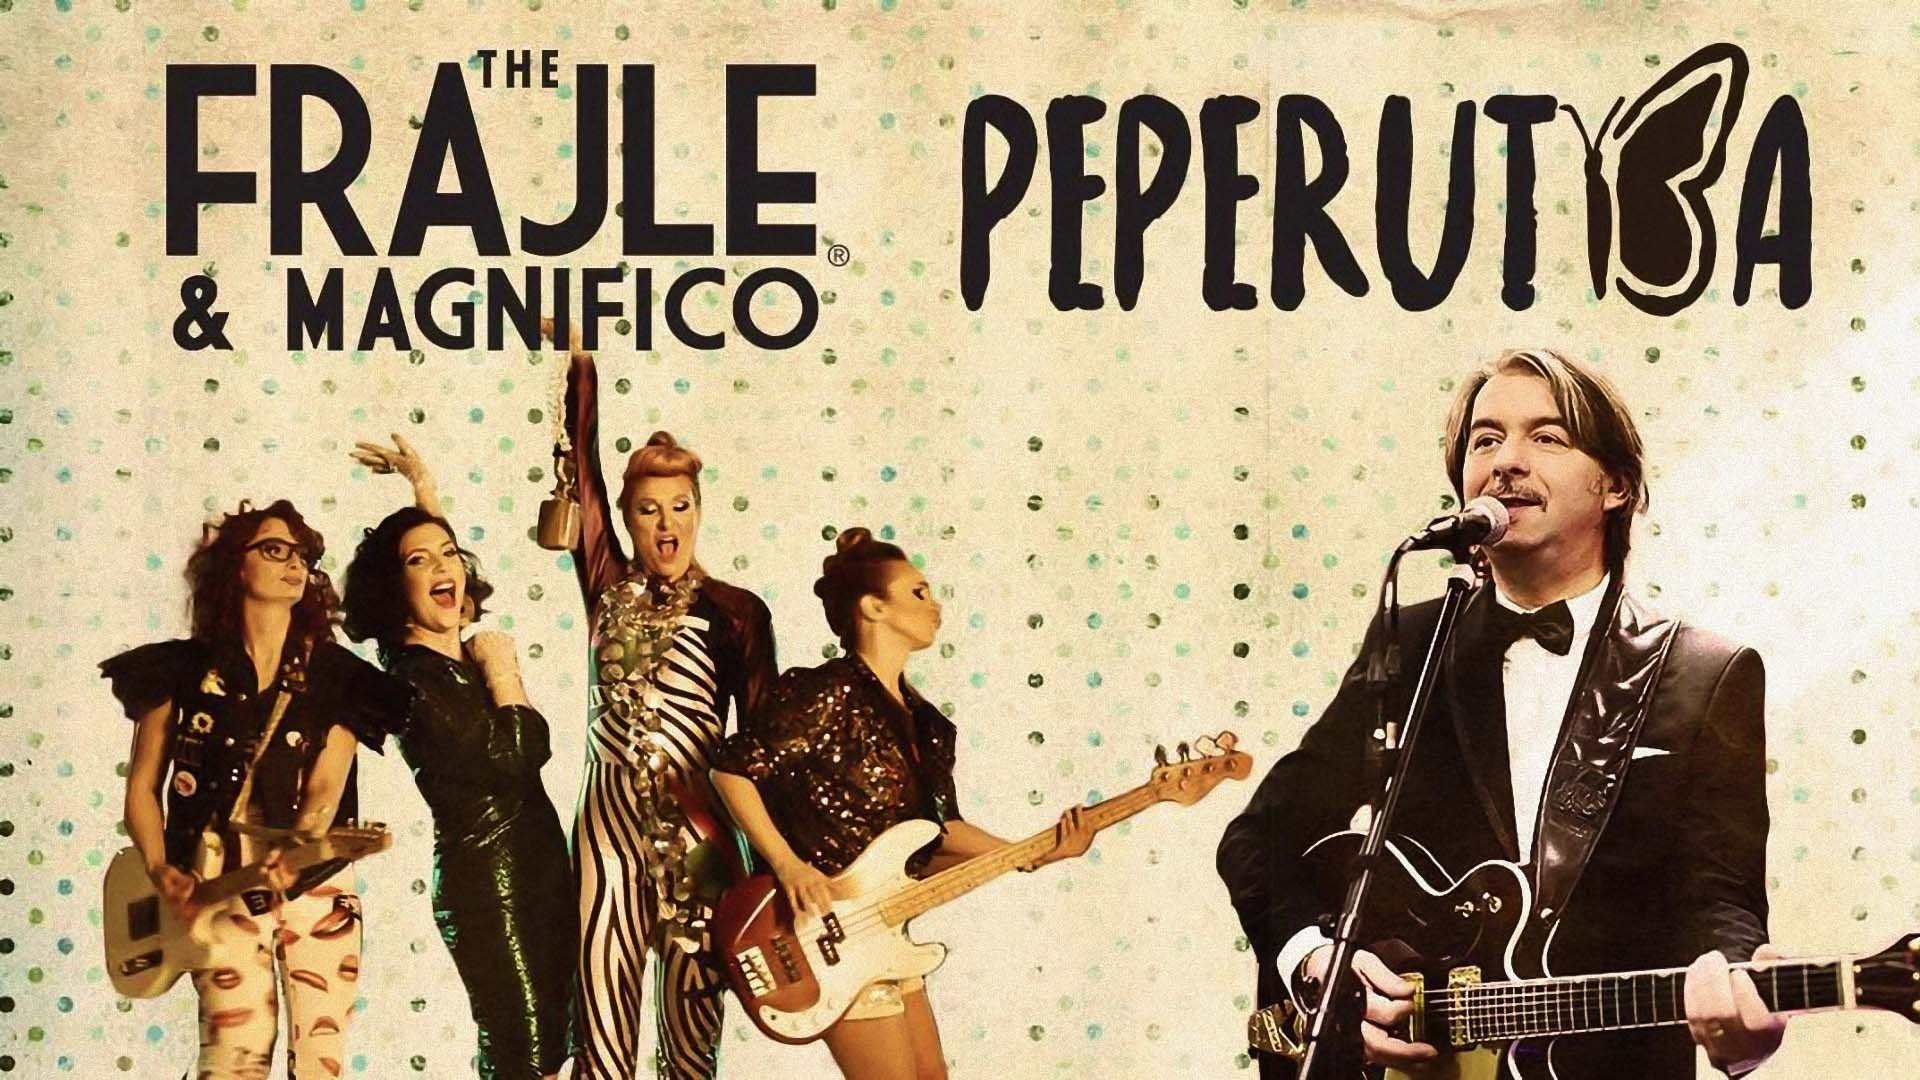 """The frajle - nova pjesma """"Peperutka""""!"""